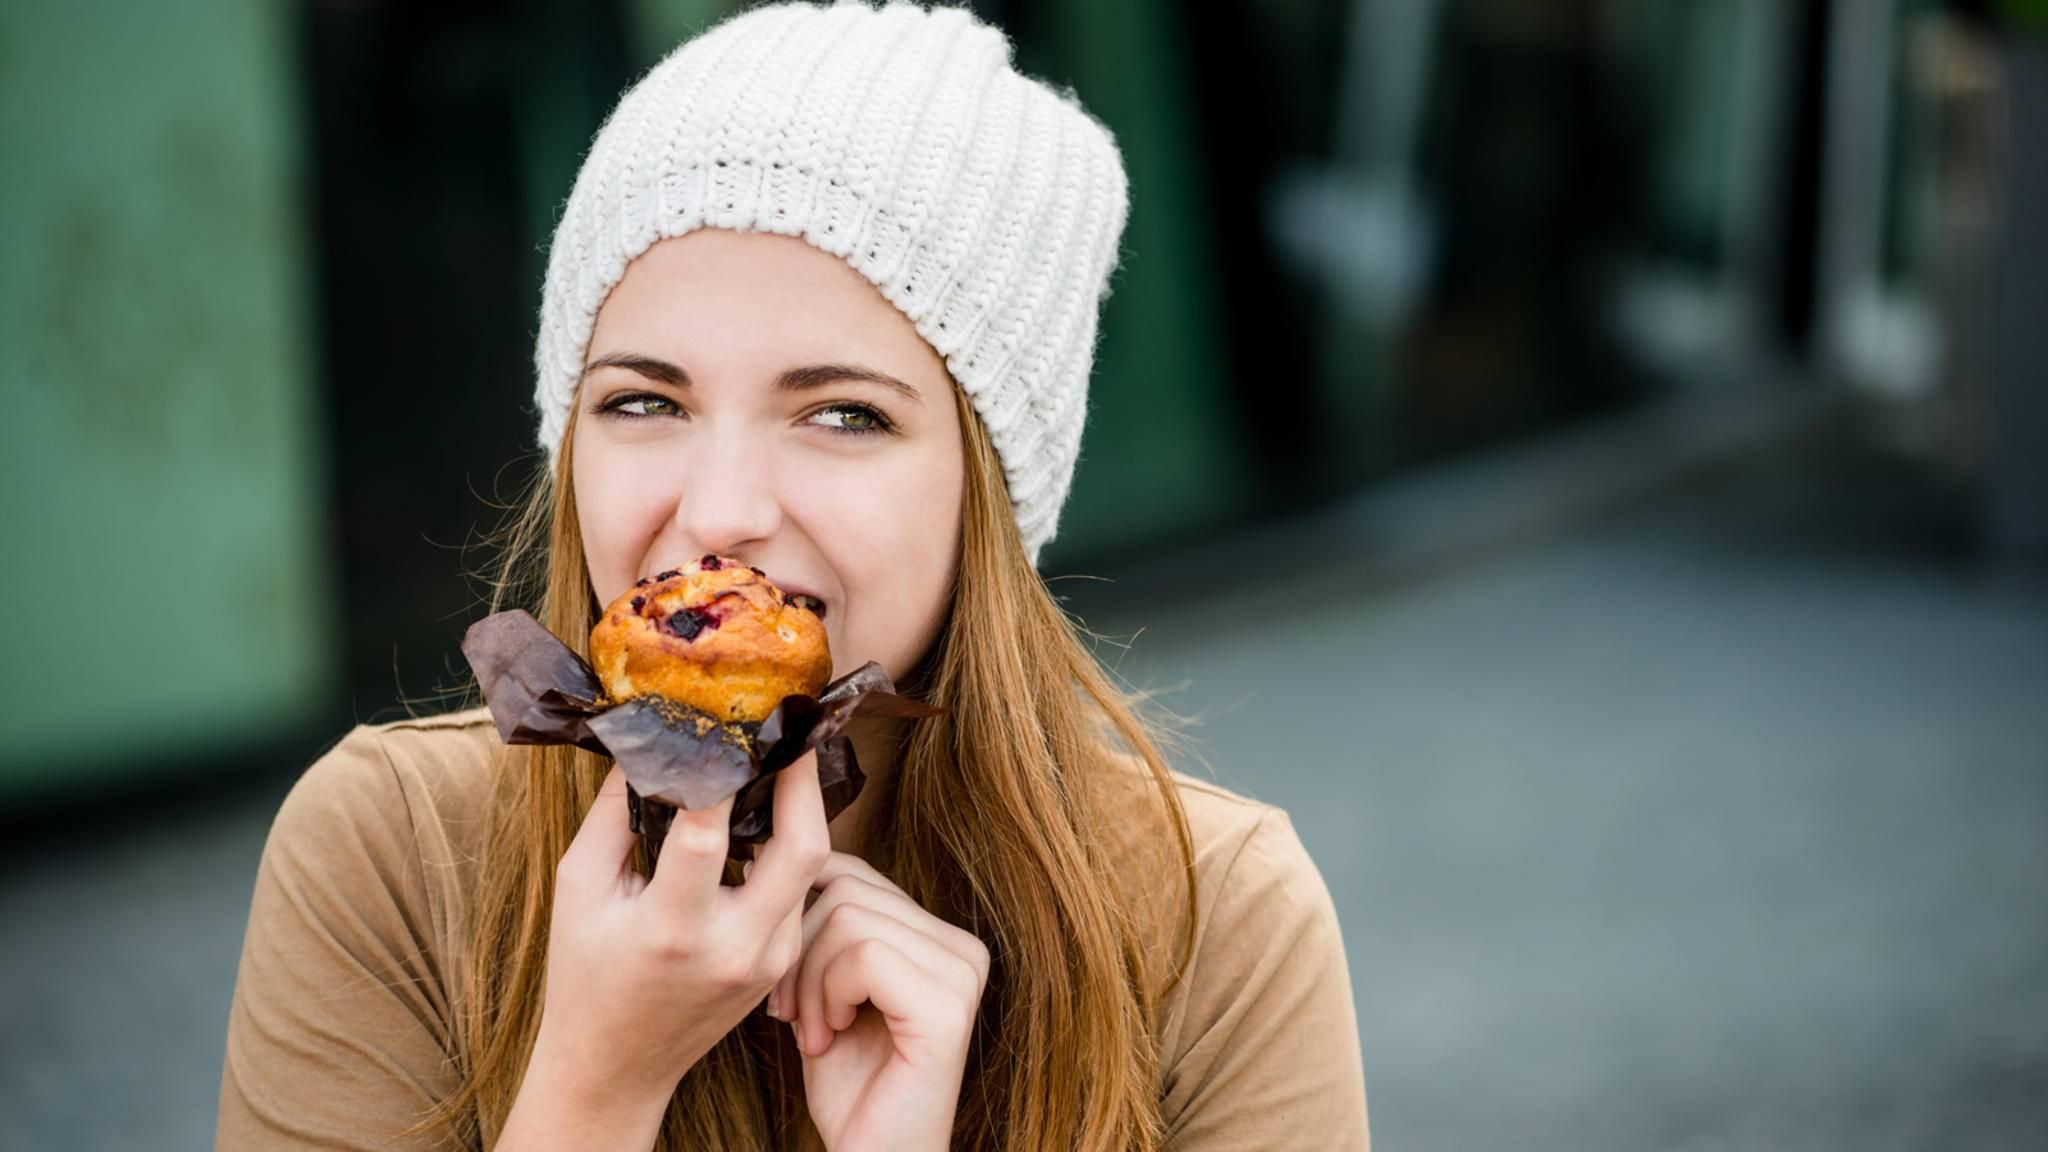 Der neue Kalorientracker registriert genau, wie viele Kalorien Du gerade zu Dir nimmst.